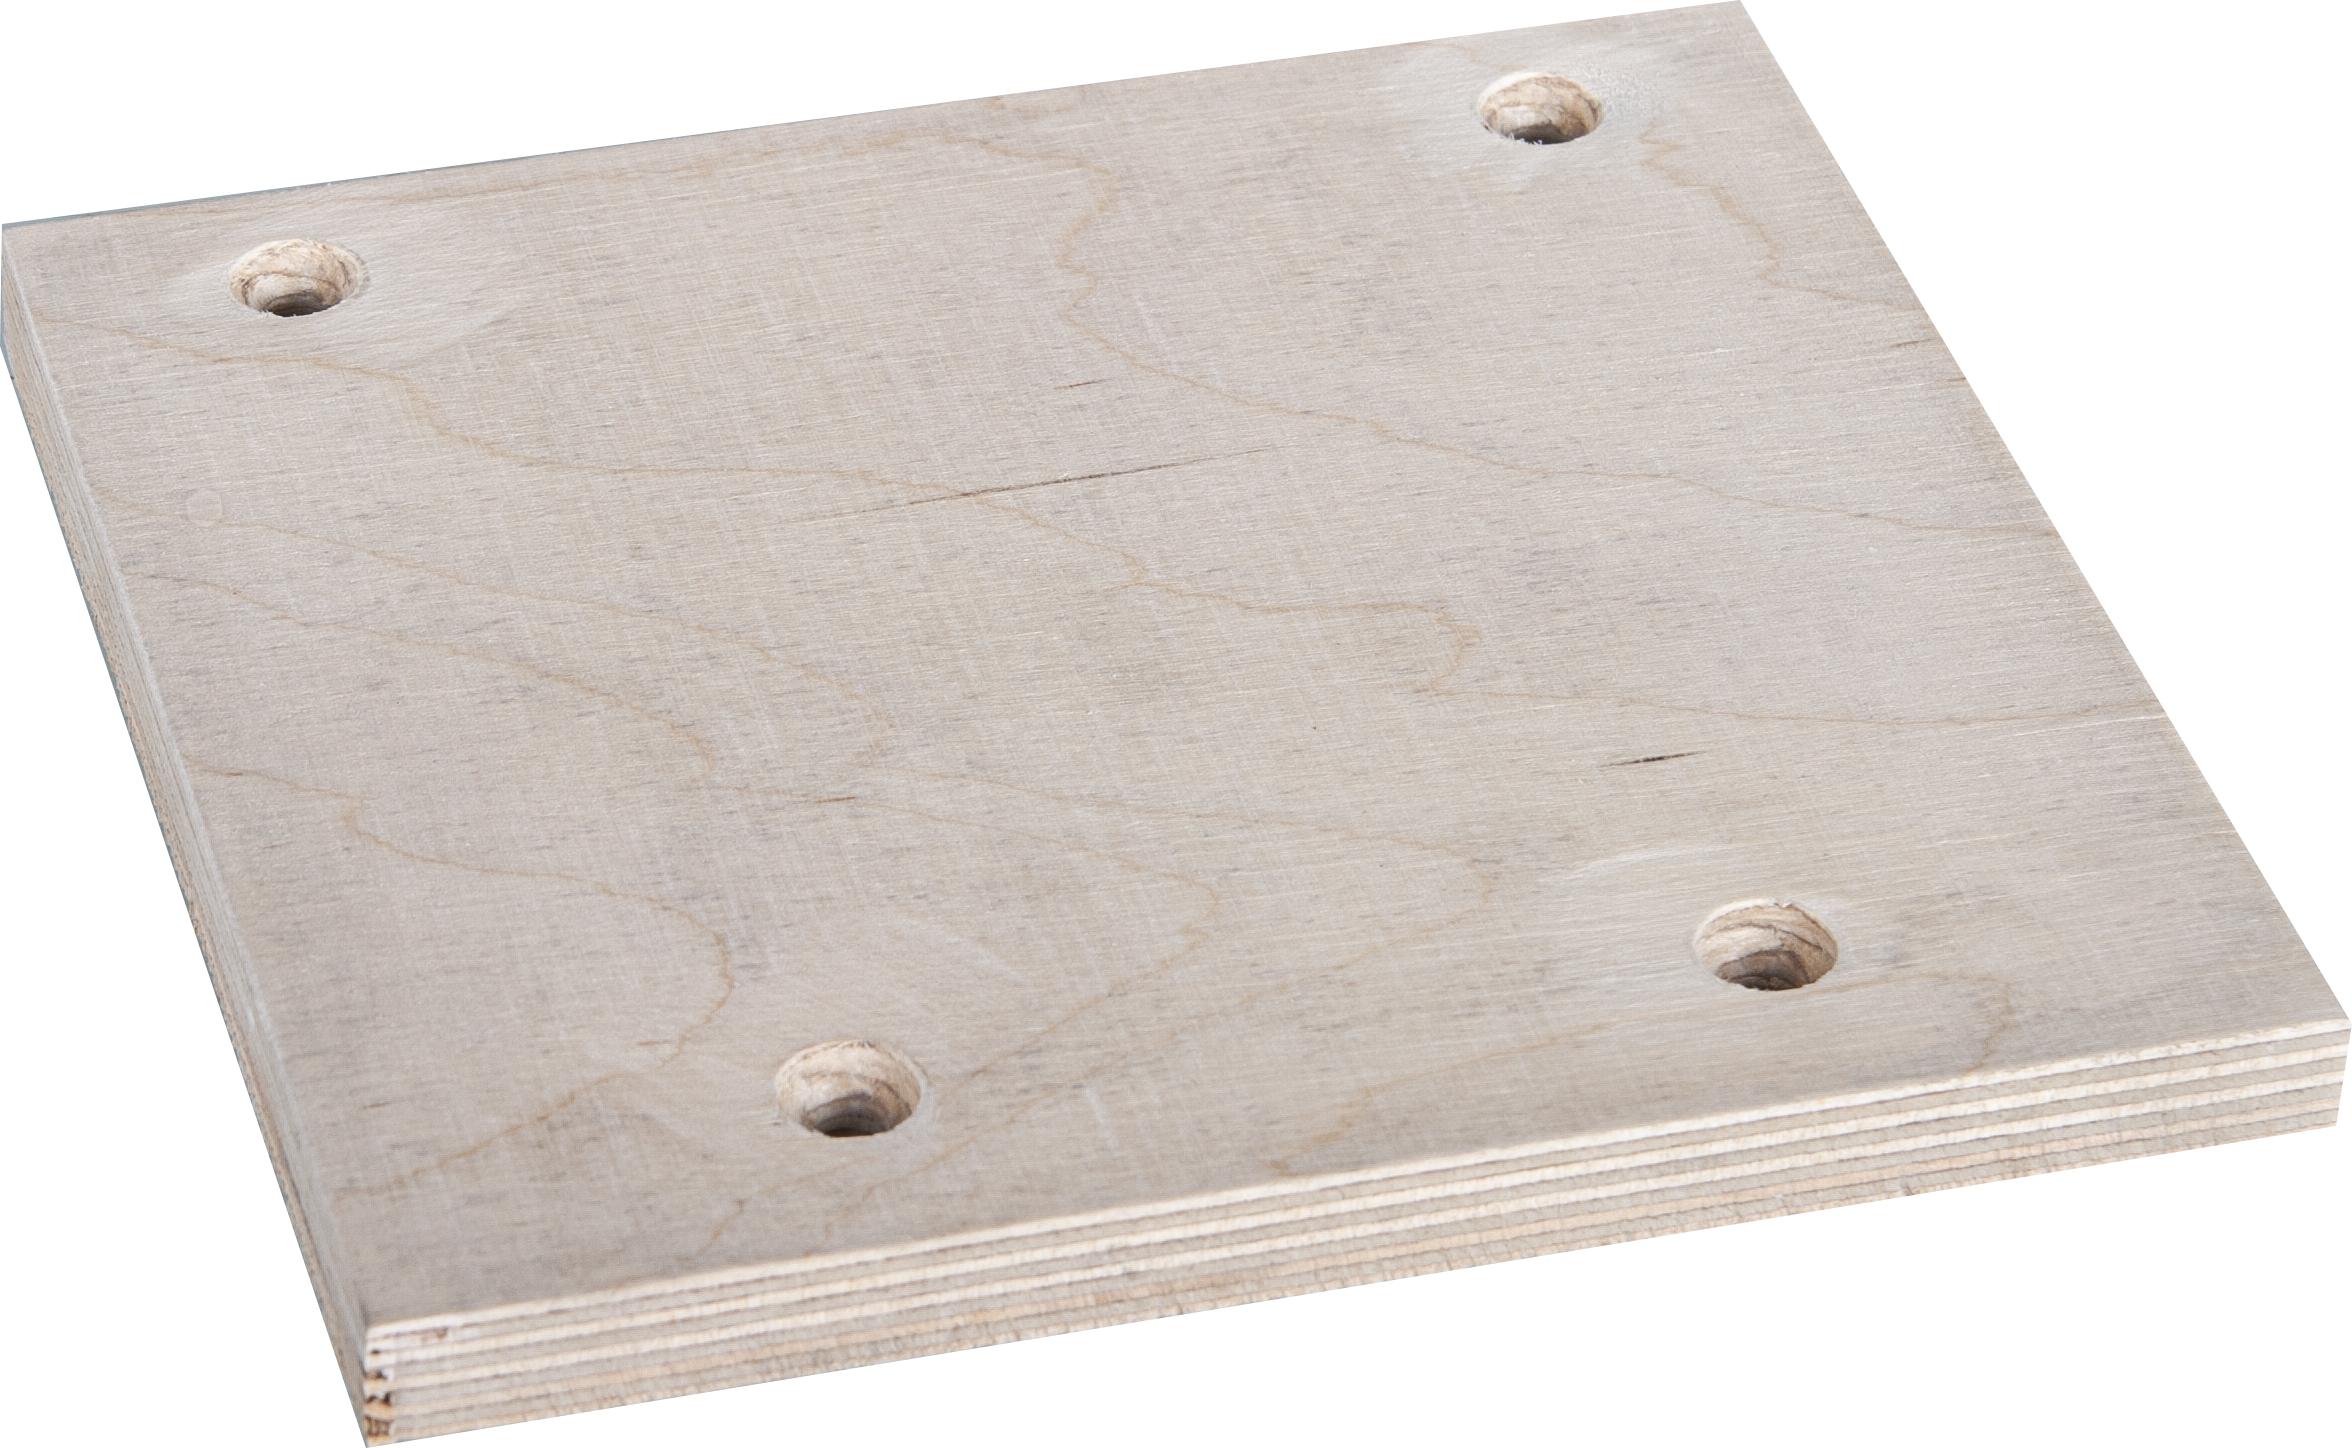 Holz-Platte 170x160mm für Grabmalplattengreifer GPM 1000